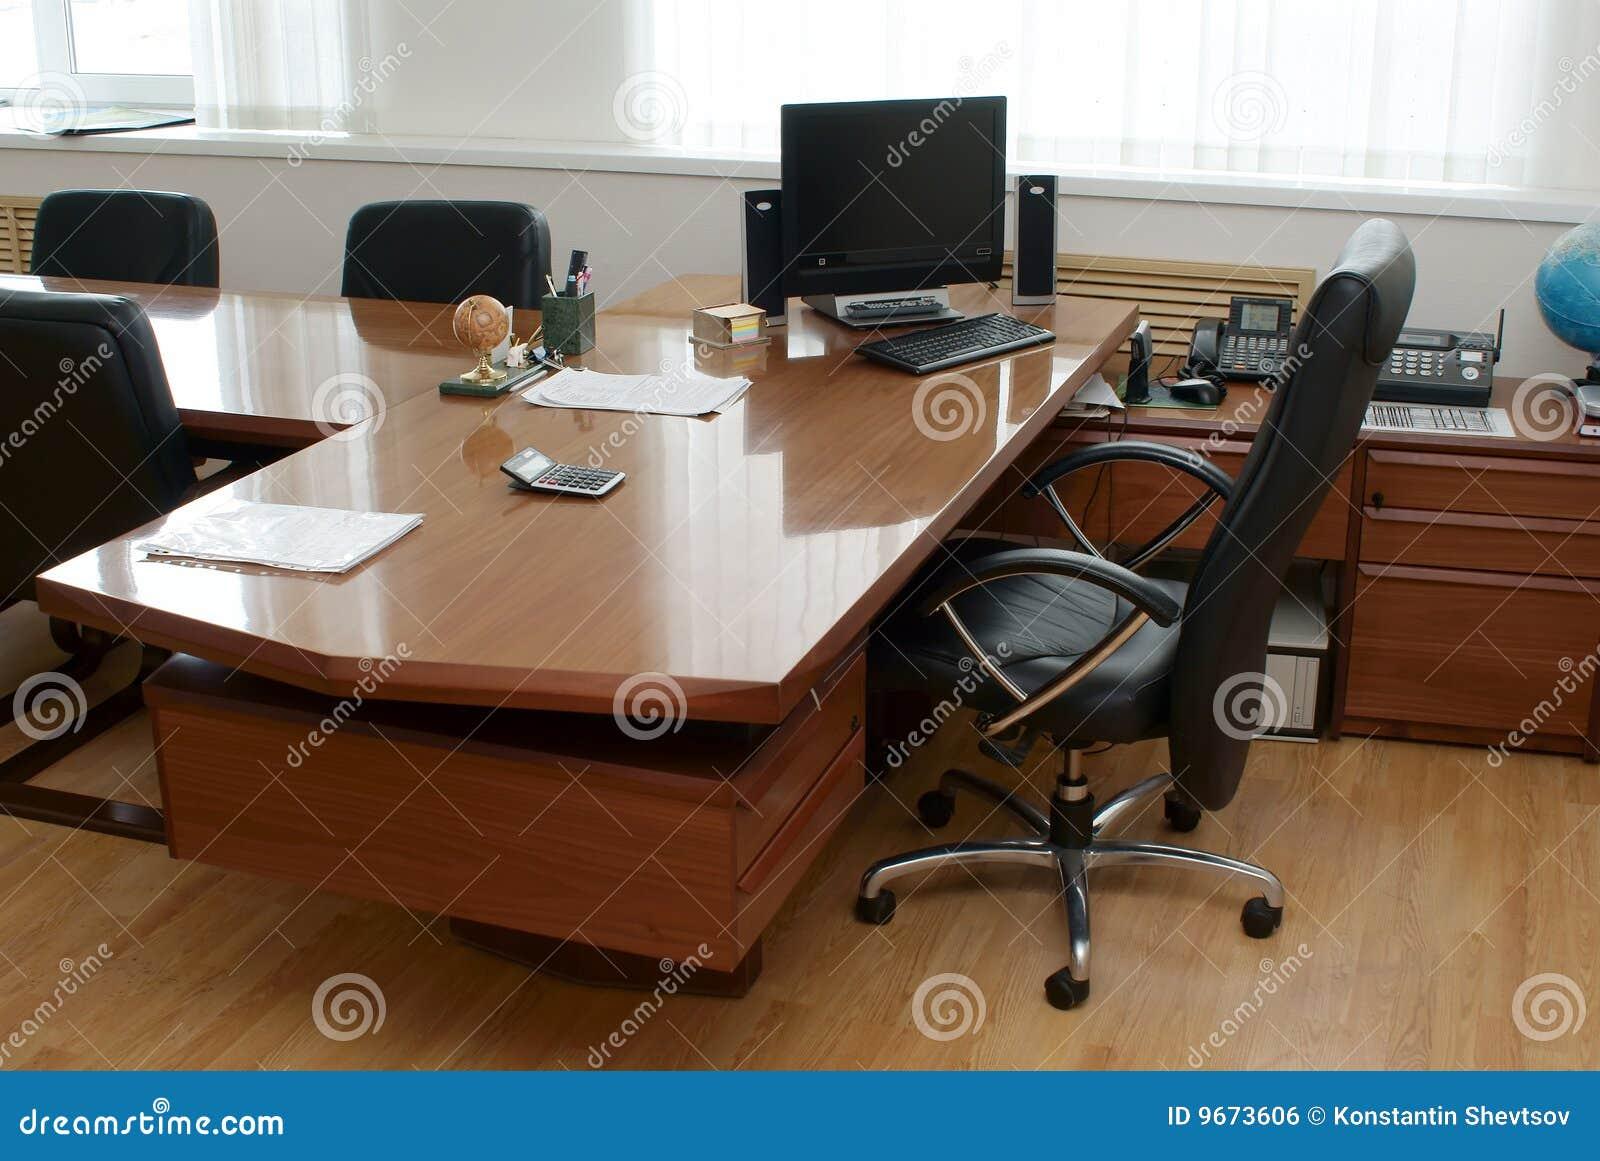 le bureau du directeur image libre de droits image 9673606. Black Bedroom Furniture Sets. Home Design Ideas